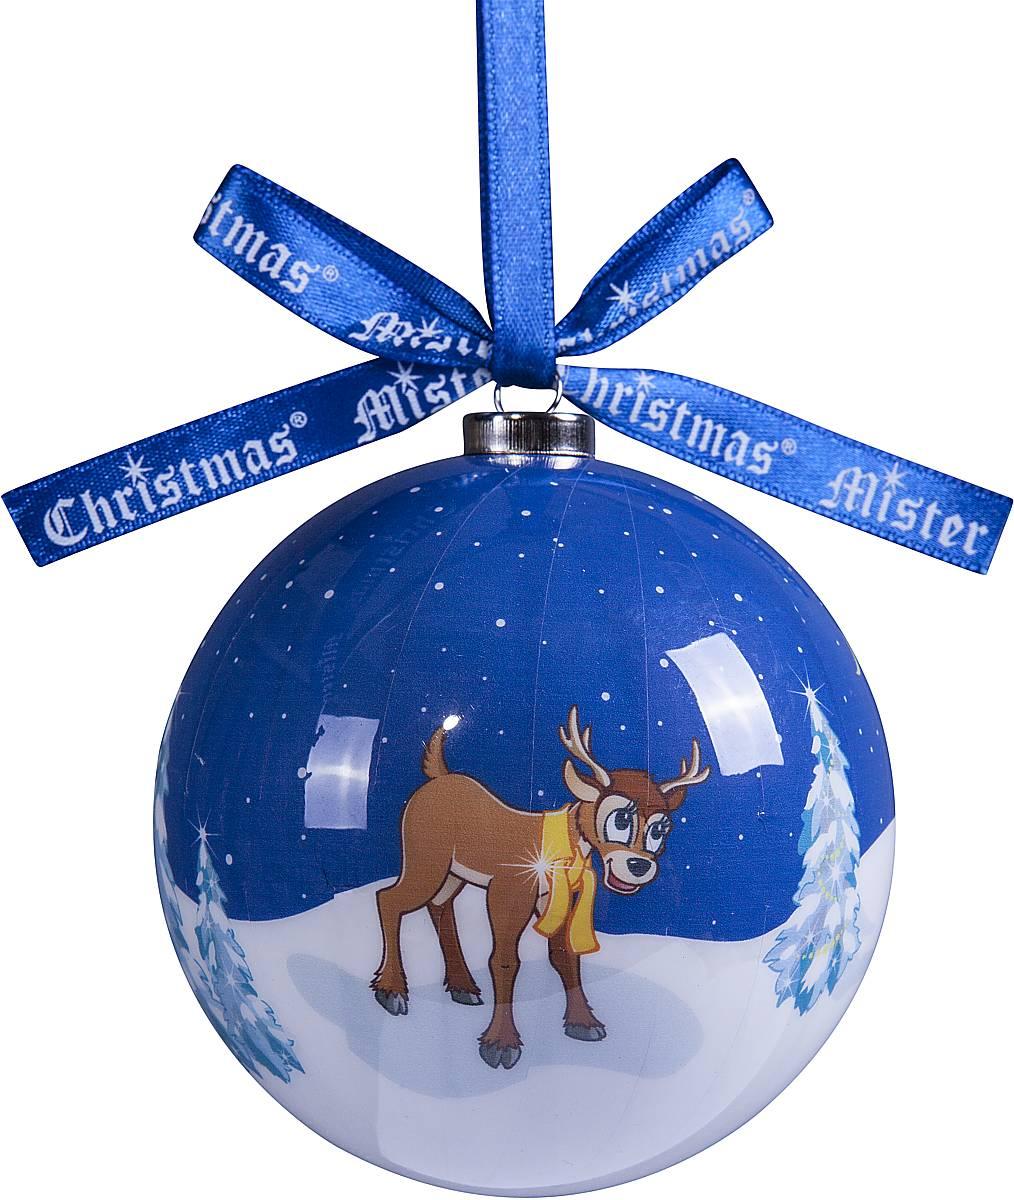 Украшение новогоднее подвесное Mister Christmas Папье-маше, диаметр 7,5 см. PM-55PM-55Подвесное украшение Mister Christmas Папье-маше выполнено вручную из бумаги и покрыто несколькими слоями лака. Такой шар очень легкий, но в то же время удивительно прочный. На создание одной такой игрушки уходит несколько дней. И в результате получается настоящее произведение искусства! Изделие оснащено атласной ленточкой с логотипом бренда Mister Christmas для подвешивания. Такое украшение станет превосходным подарком к Новому году, а так же дополнит коллекцию оригинальных новогодних елочных игрушек.